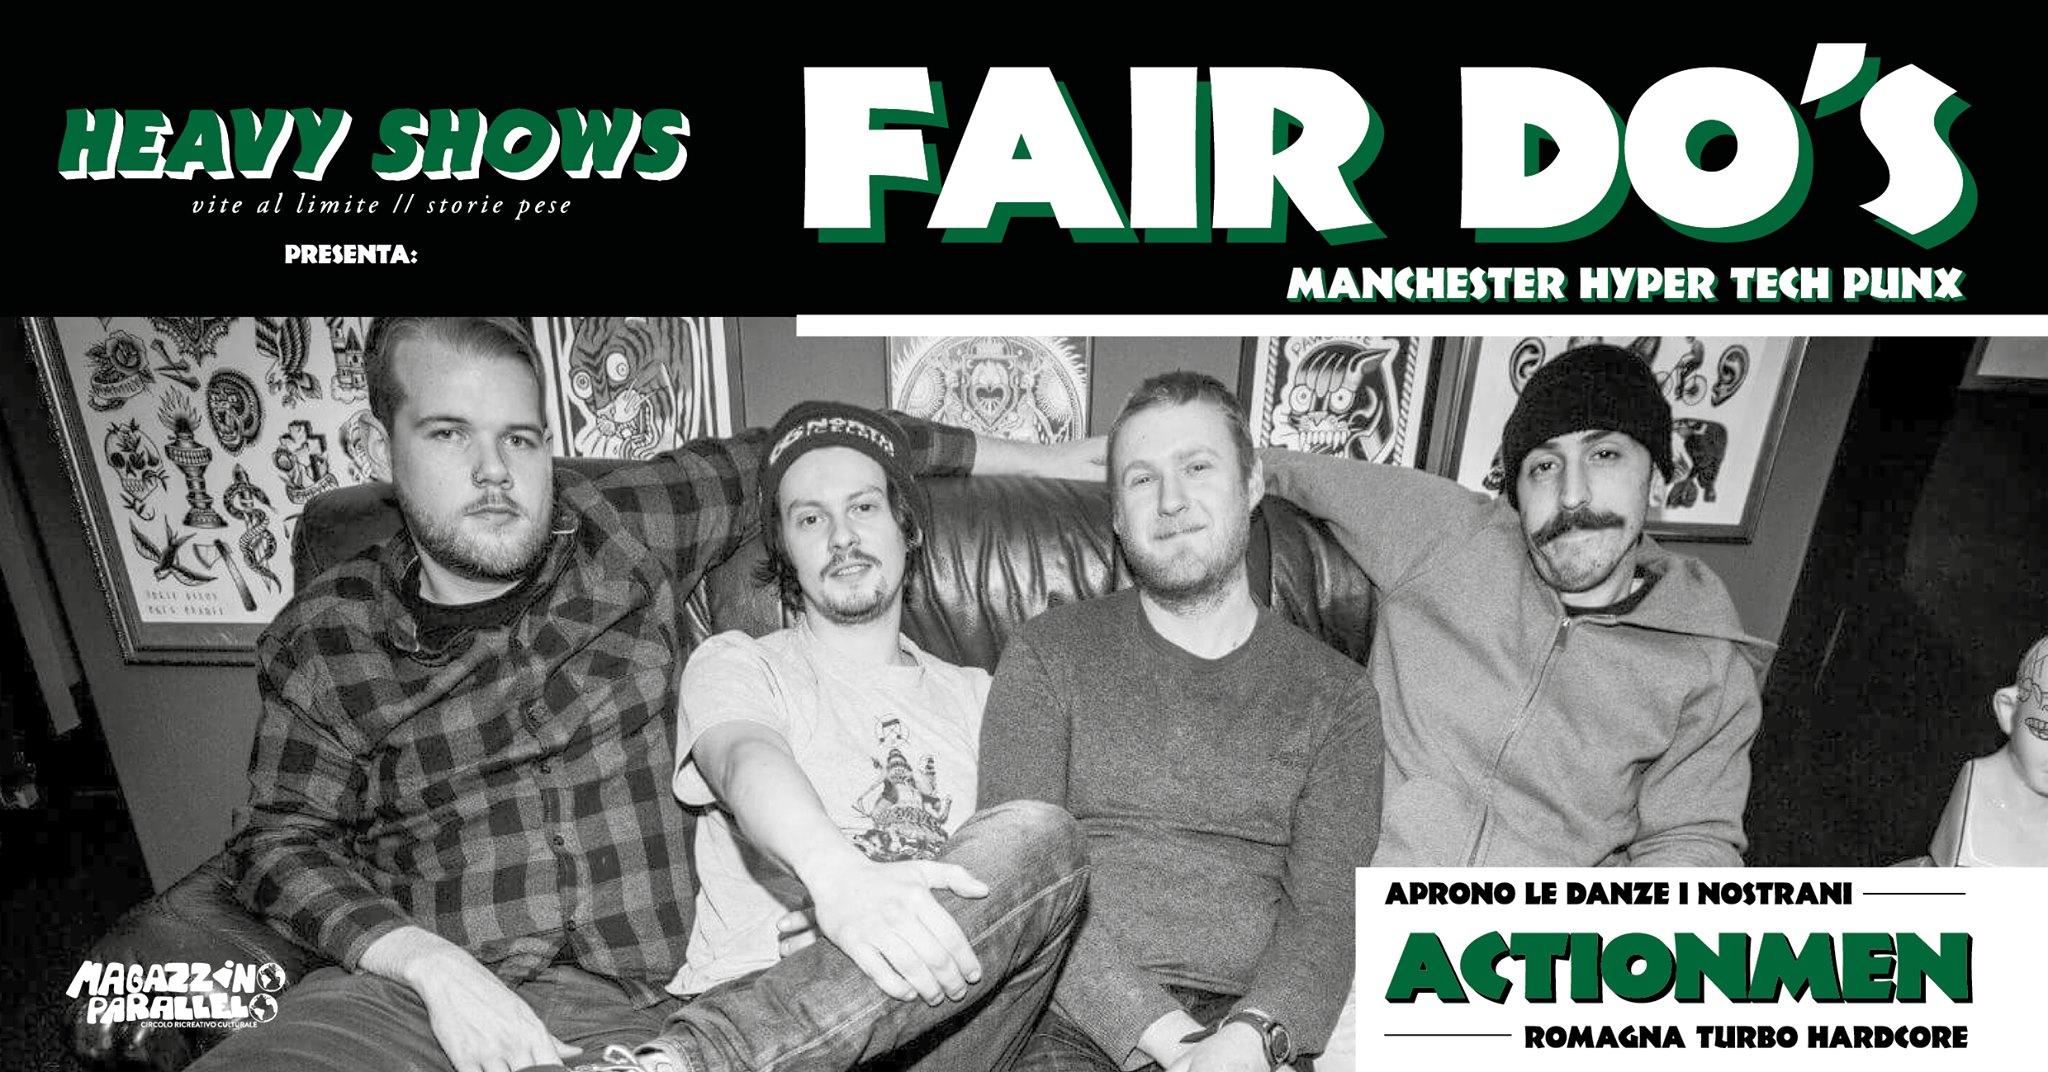 Fair Do's ⌁ ActionMen / HeavyShows / at Magazzino Parallelo